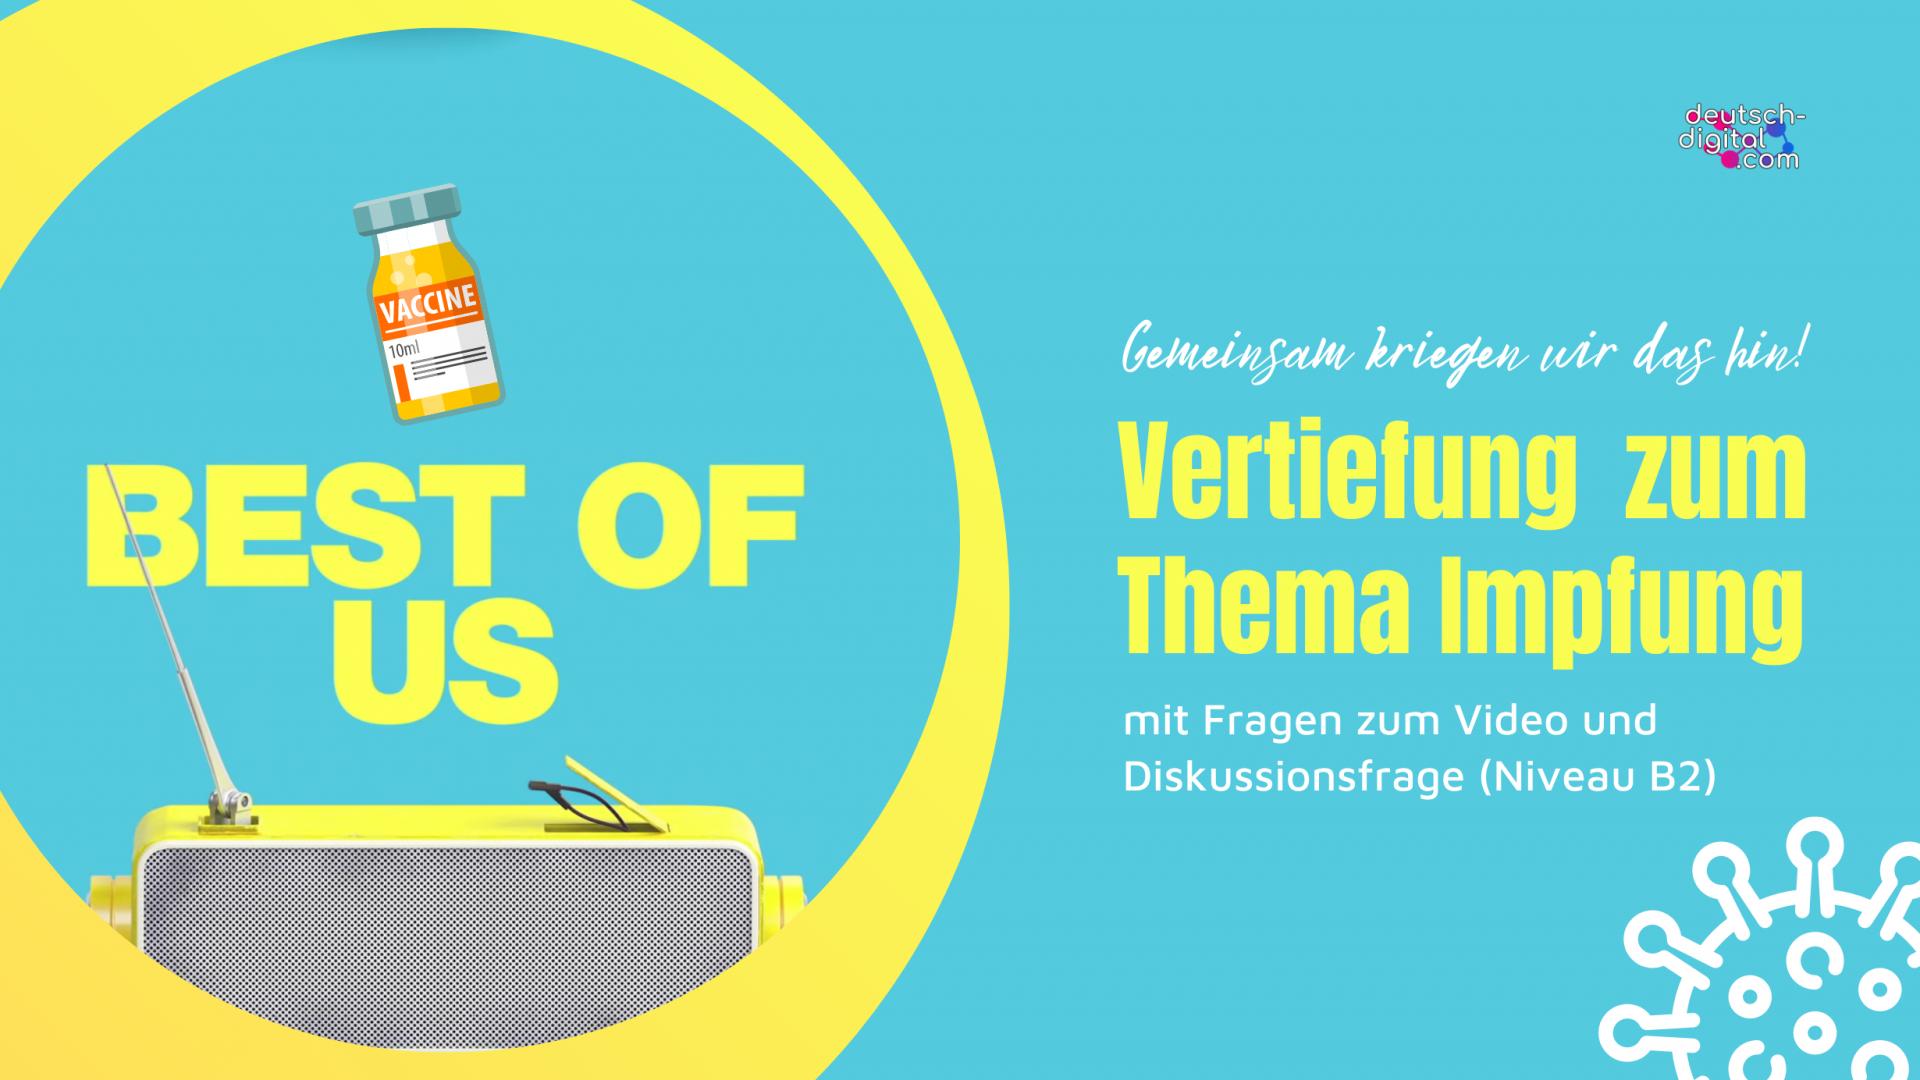 Best of Us – Vertiefung zum Thema Impfung